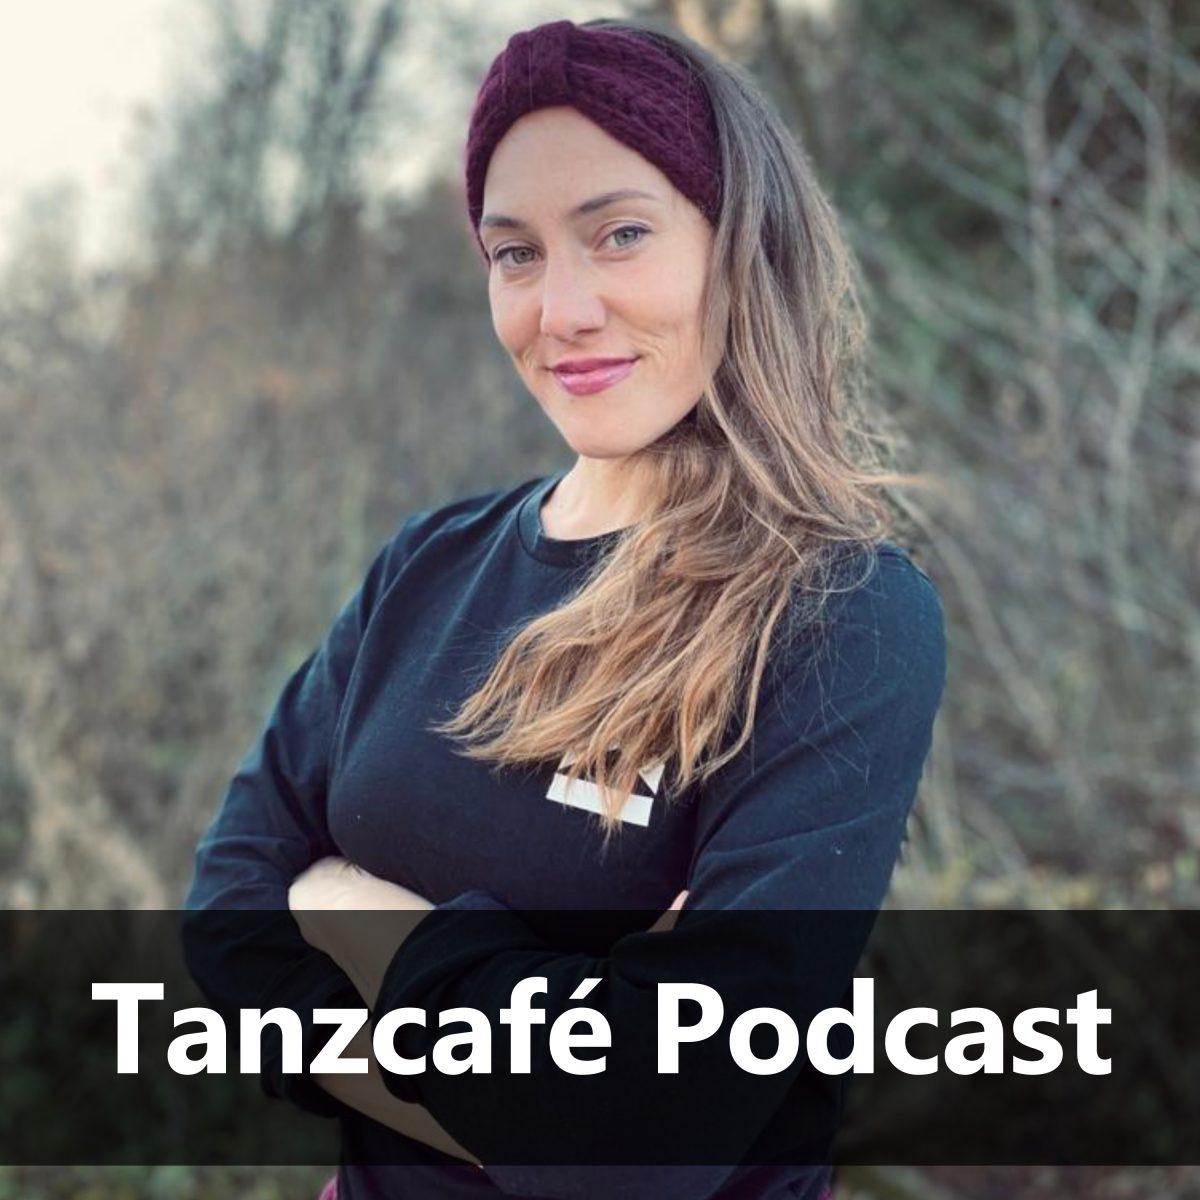 Tanzcafè Podcast Artwork with Joana aka Joflow